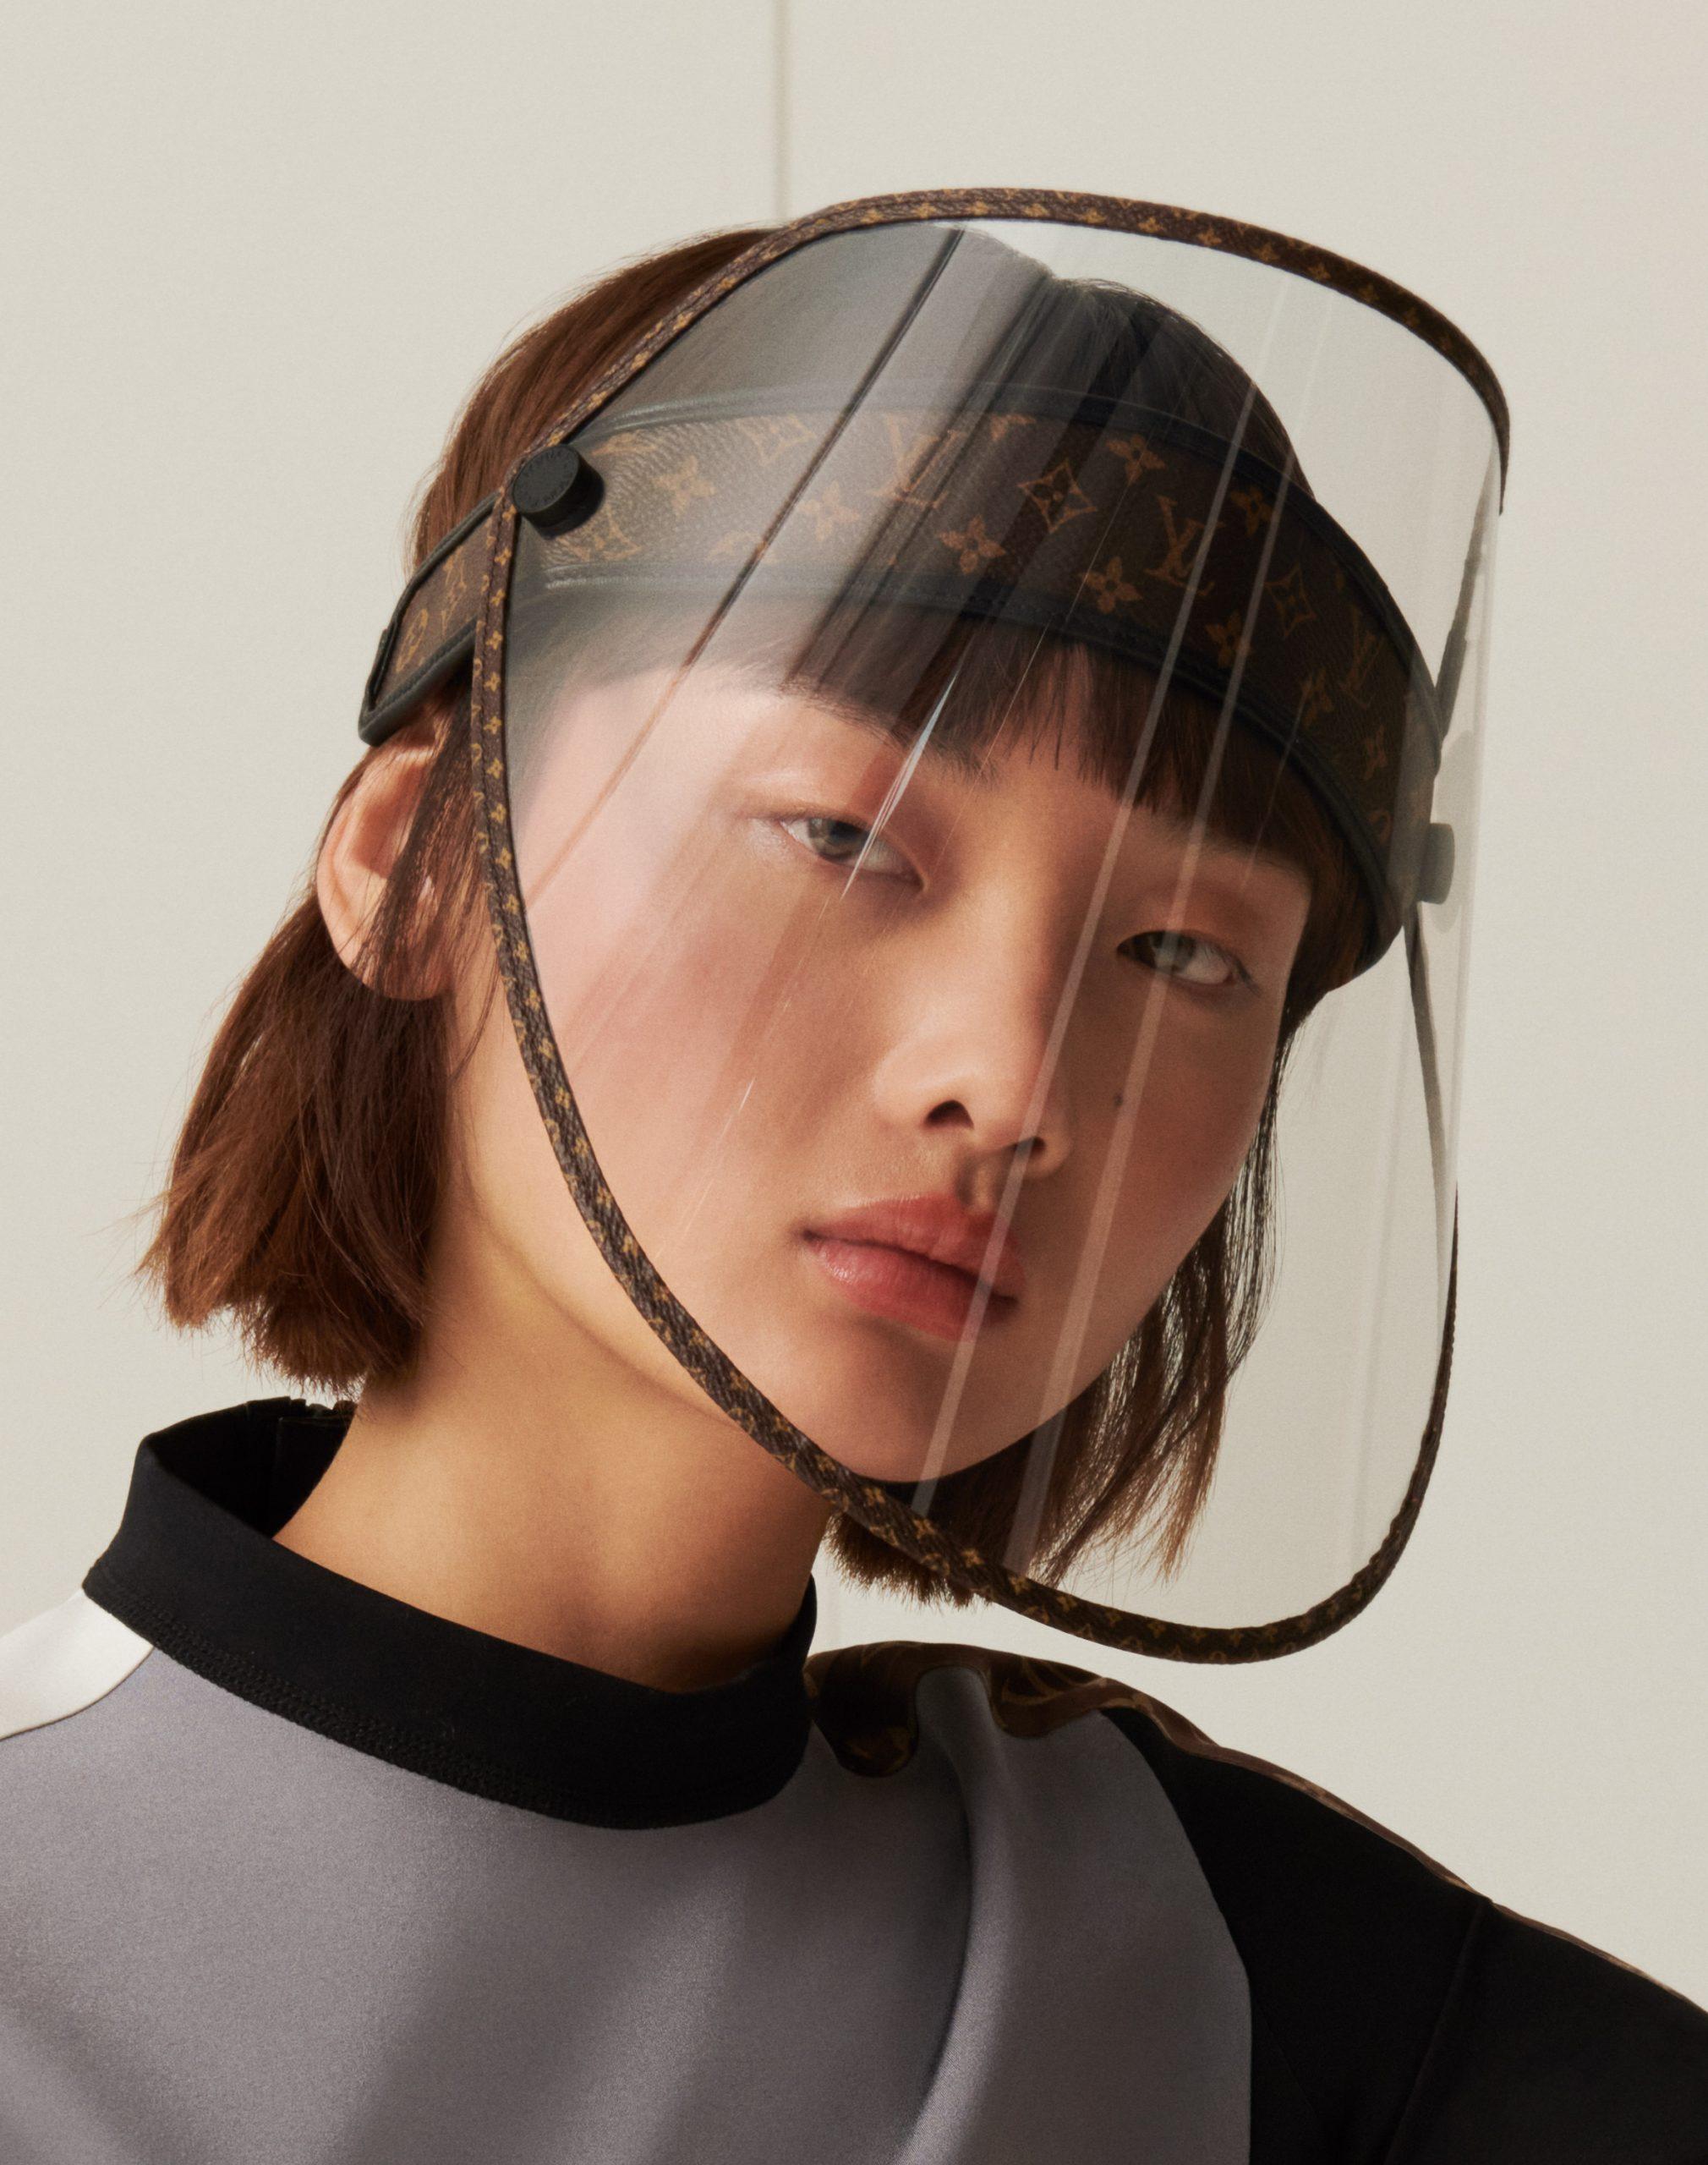 A face shield tem o famoso monograma da marca, que é imitado por diversos produtos. (Fonte: Louis Vuitton/Divulgação)